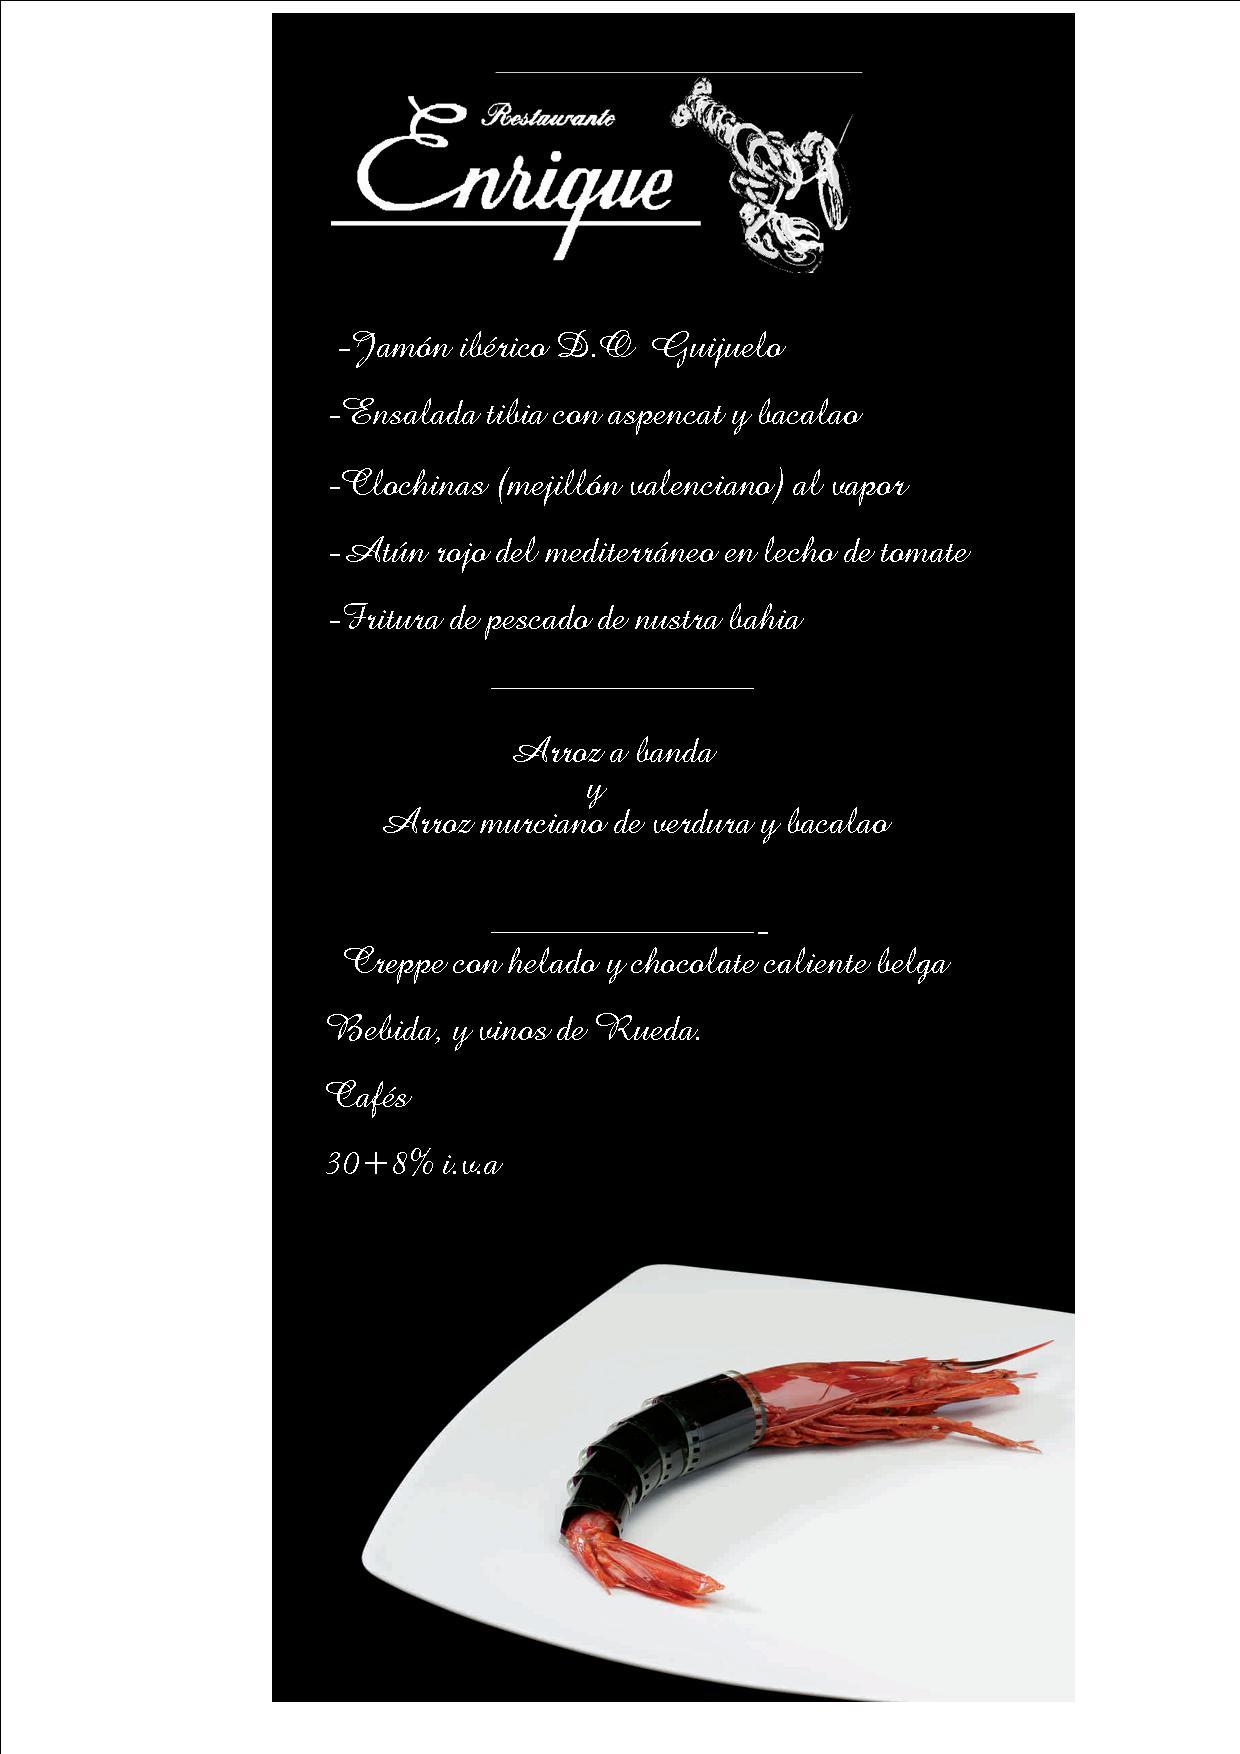 Menu Restaurante Enrique